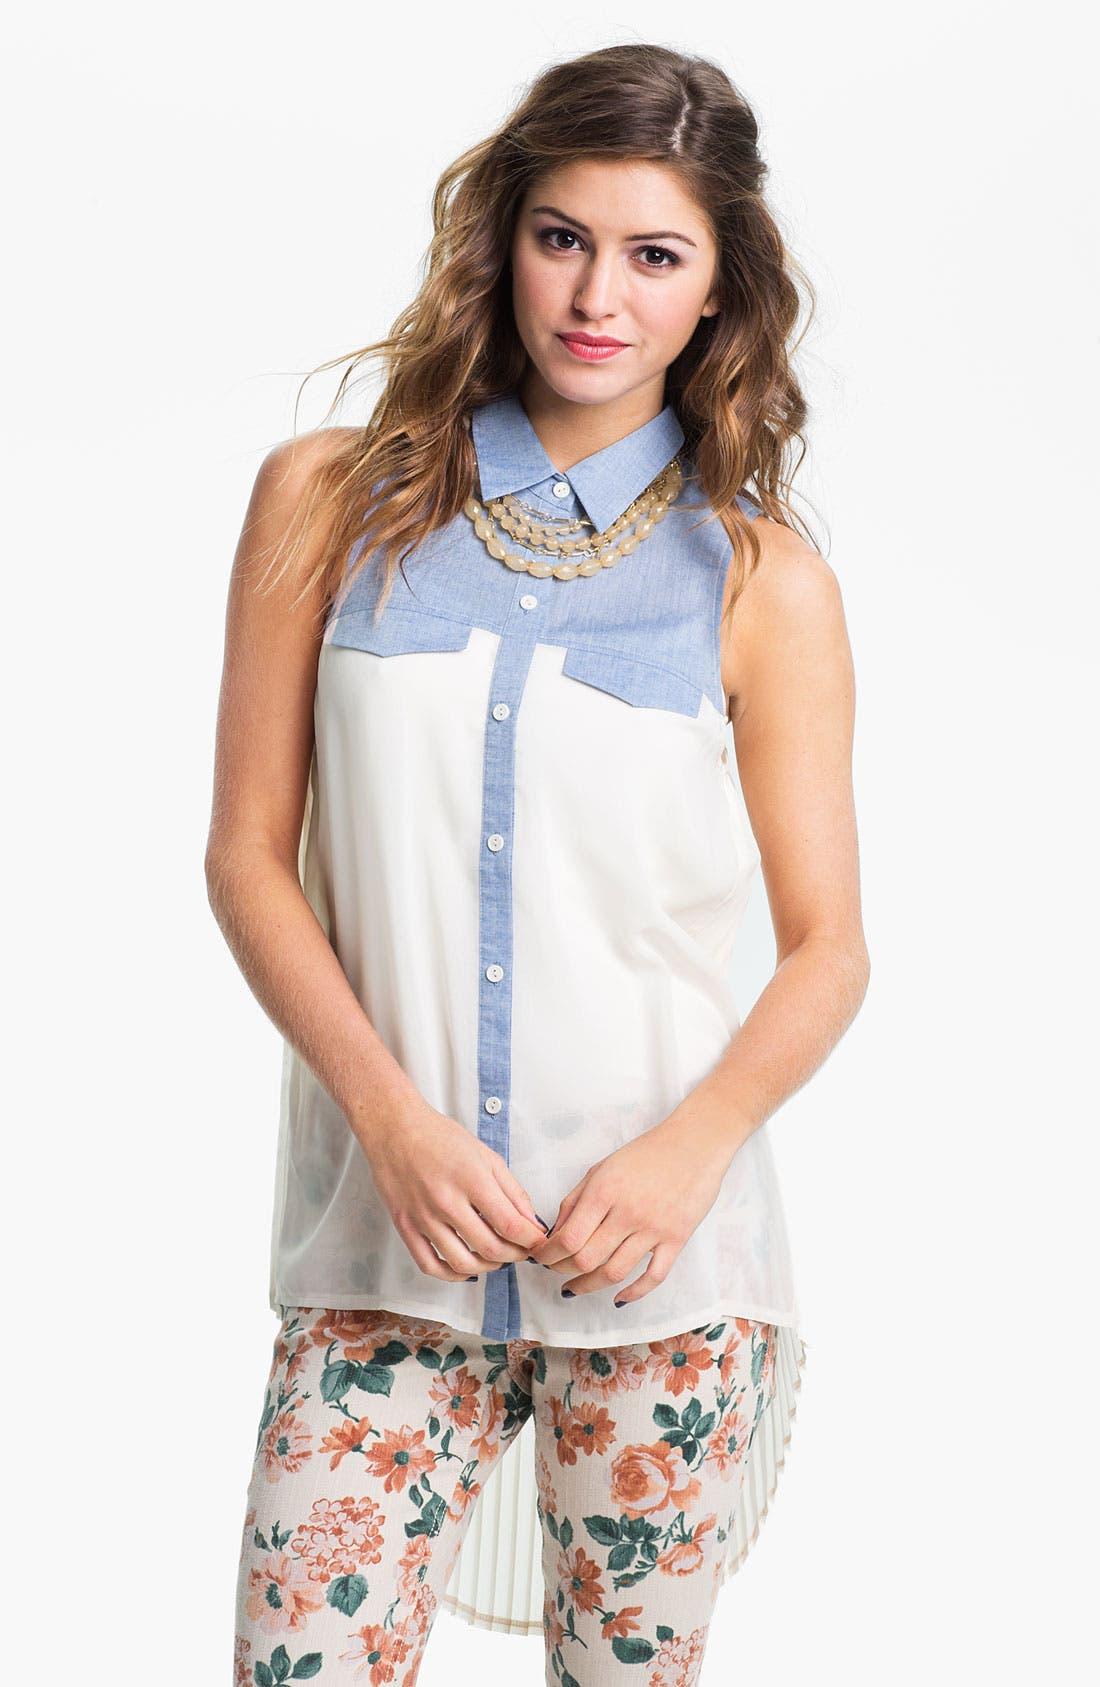 Alternate Image 1 Selected - Lush Chambray & Chiffon Shirt (Juniors)